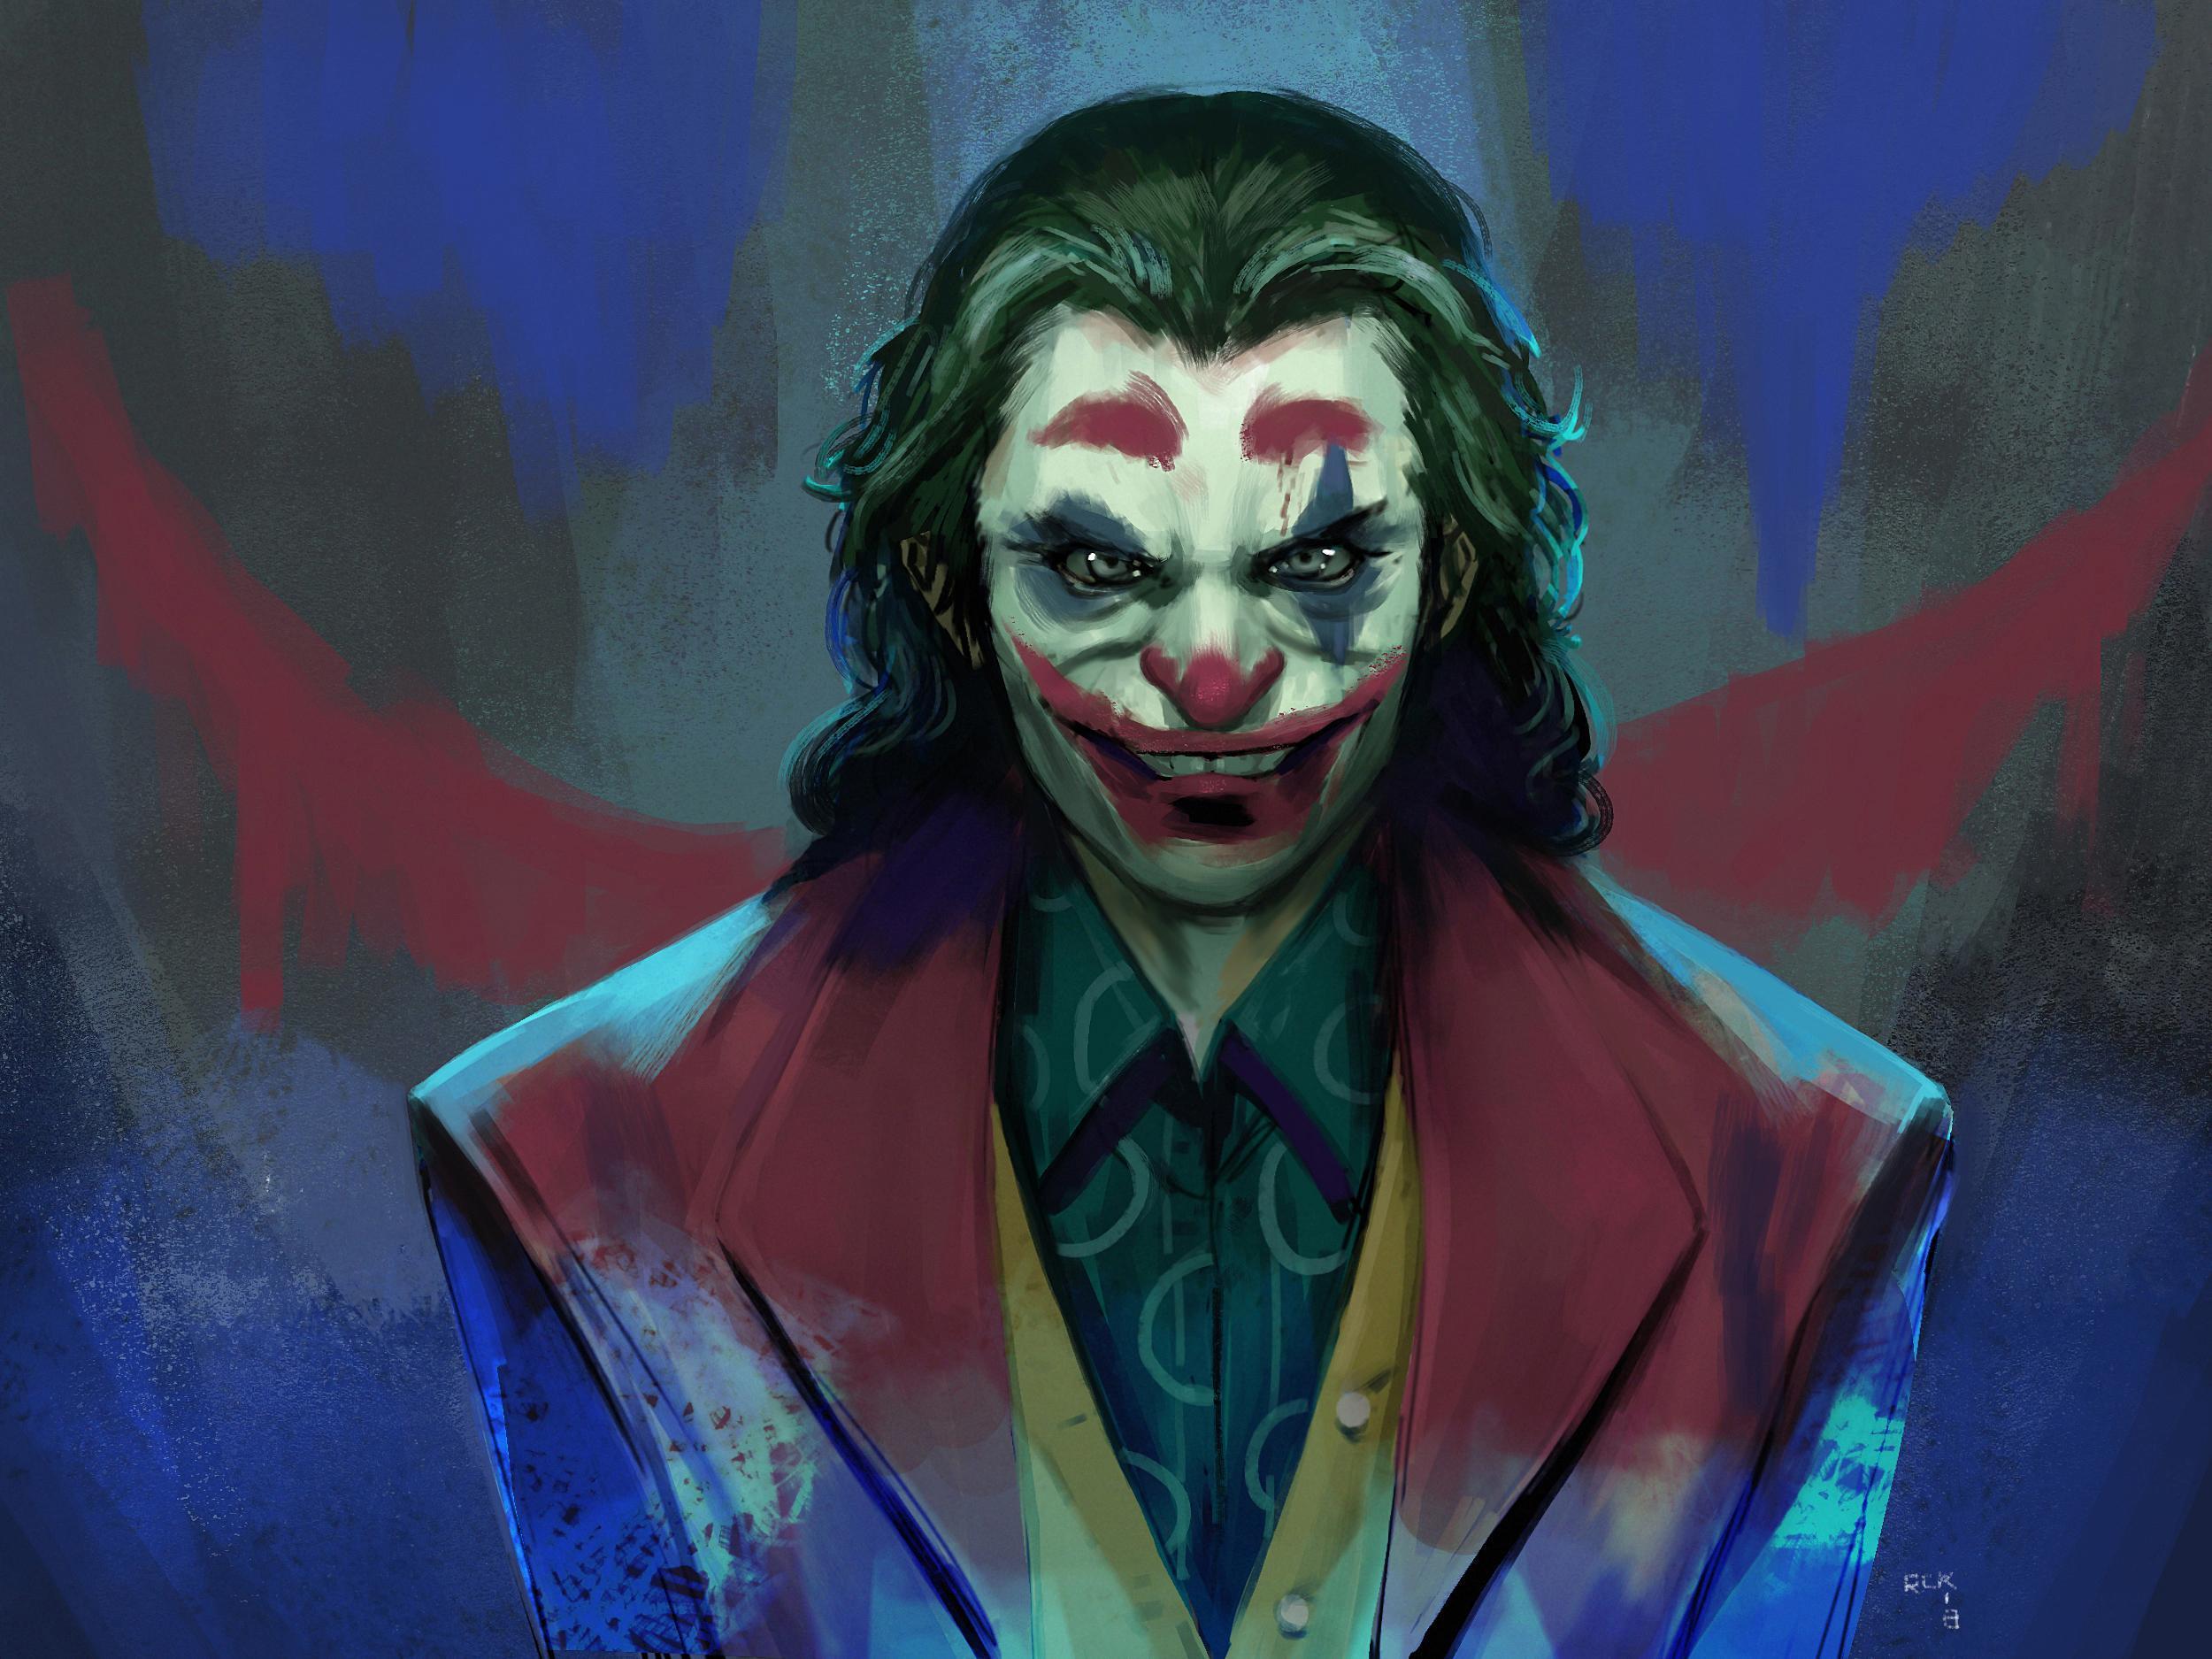 Joker Joaquin Phoenix Wallpapers Wallpaper Cave